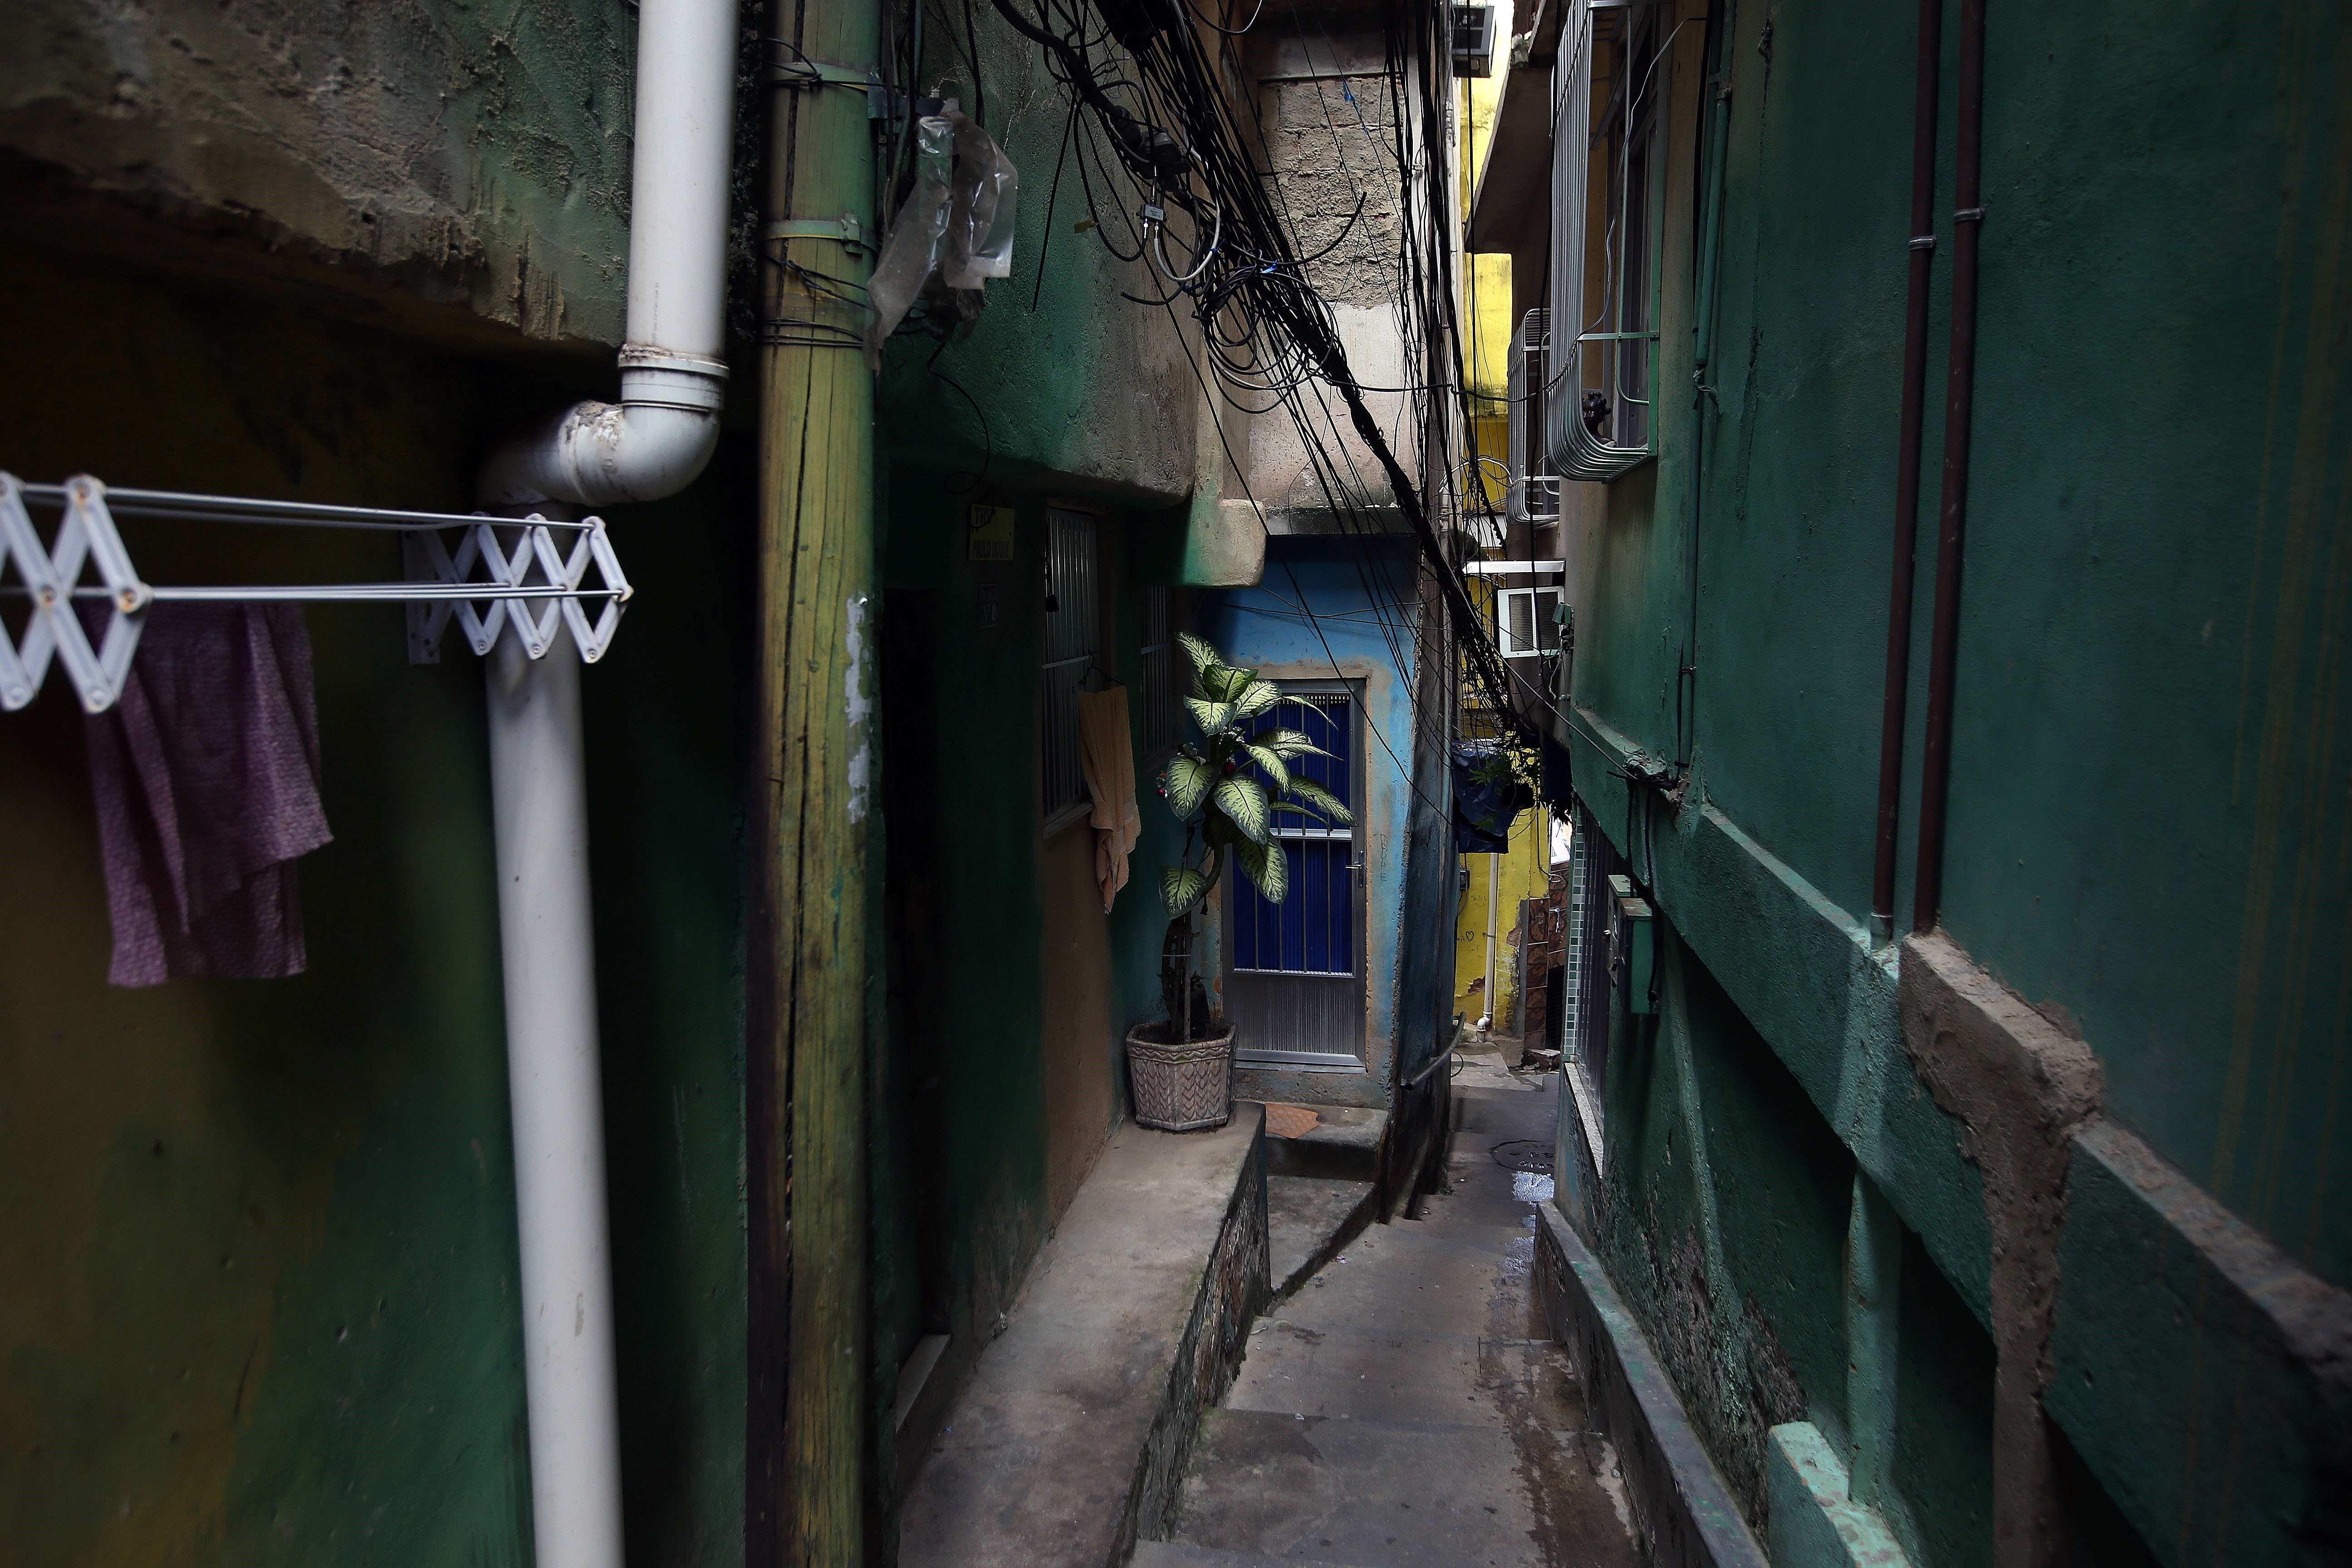 ***ACOMPAÑA CRÓNICA: BRASIL VIOLENCIA*** BRA01. RÍO DE JANEIRO (BRASIL), 21/03/2019.- Vista de una calle de la comunidad Tavares Bastos, este jueves en Río de Janeiro (Brasil). Lejos de la imagen de violencia e inseguridad de las favelas, en la zona sur de Río de Janeiro se encuentra la favela Tavares Bastos, una comunidad pacífica, sin tráfico ni milicias, reflejo de los grandes contrastes de Brasil, con olor a jazz, a arte urbano, a feminismo y a vecindad. EFE / Marcelo Sayão